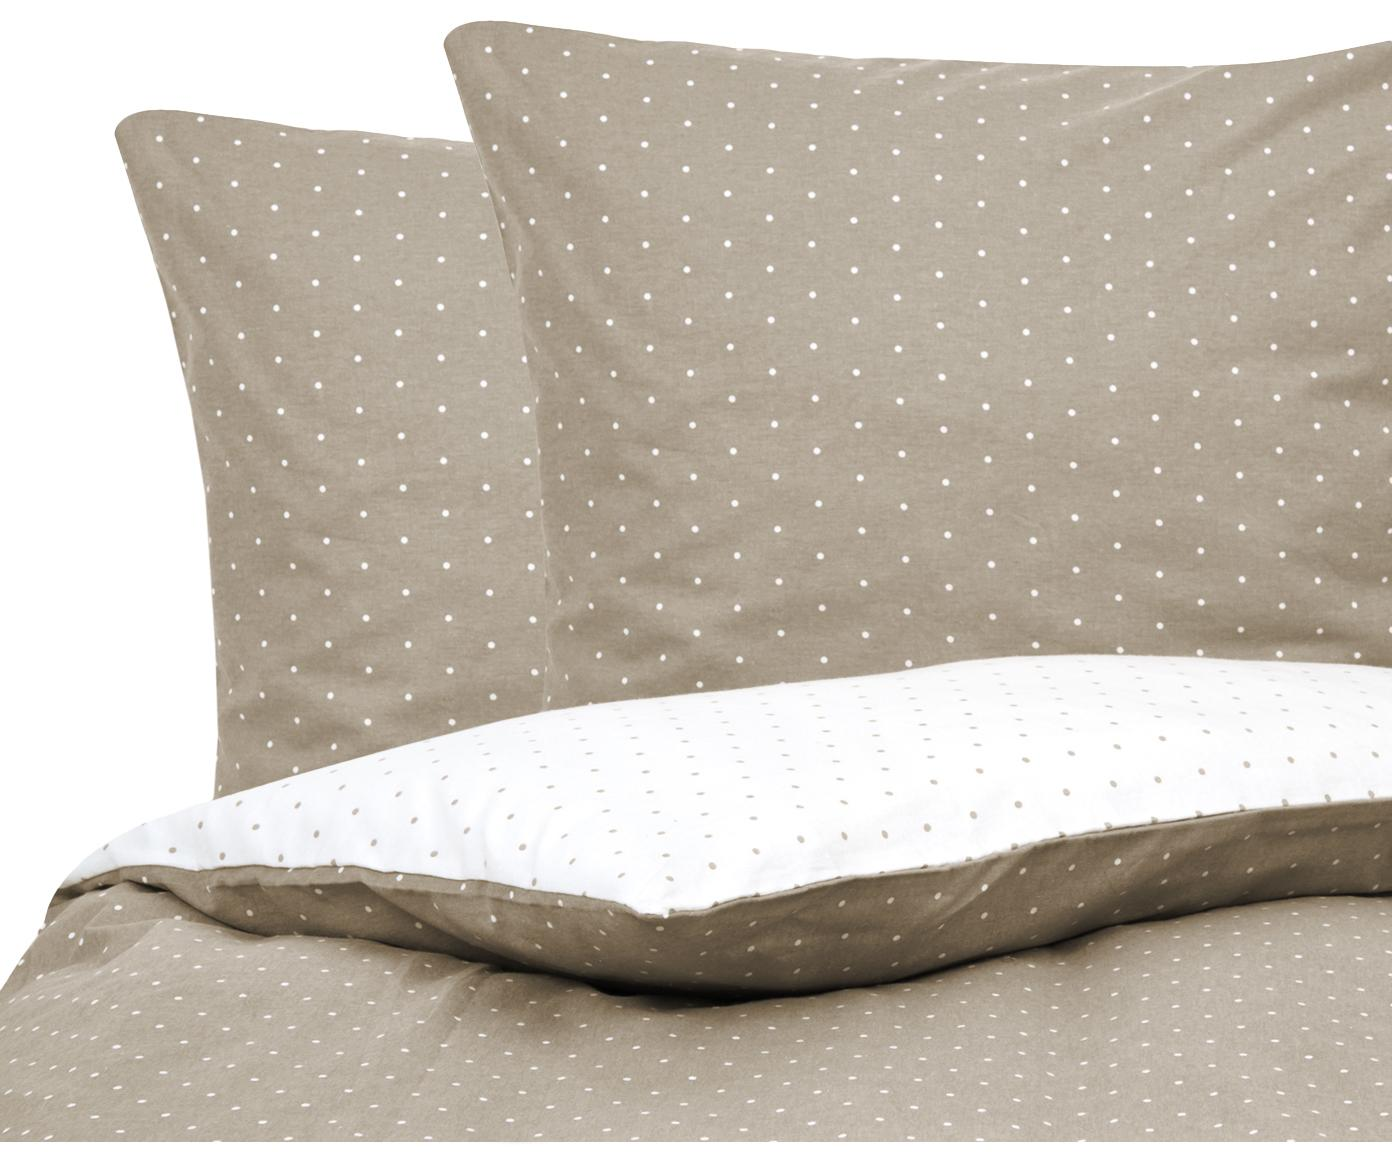 Flanell-Wendebettwäsche Betty, gepunktet, Webart: Flanell Flanell ist ein s, Beige, Weiss, 240 x 220 cm + 2 Kissen 80 x 80 cm